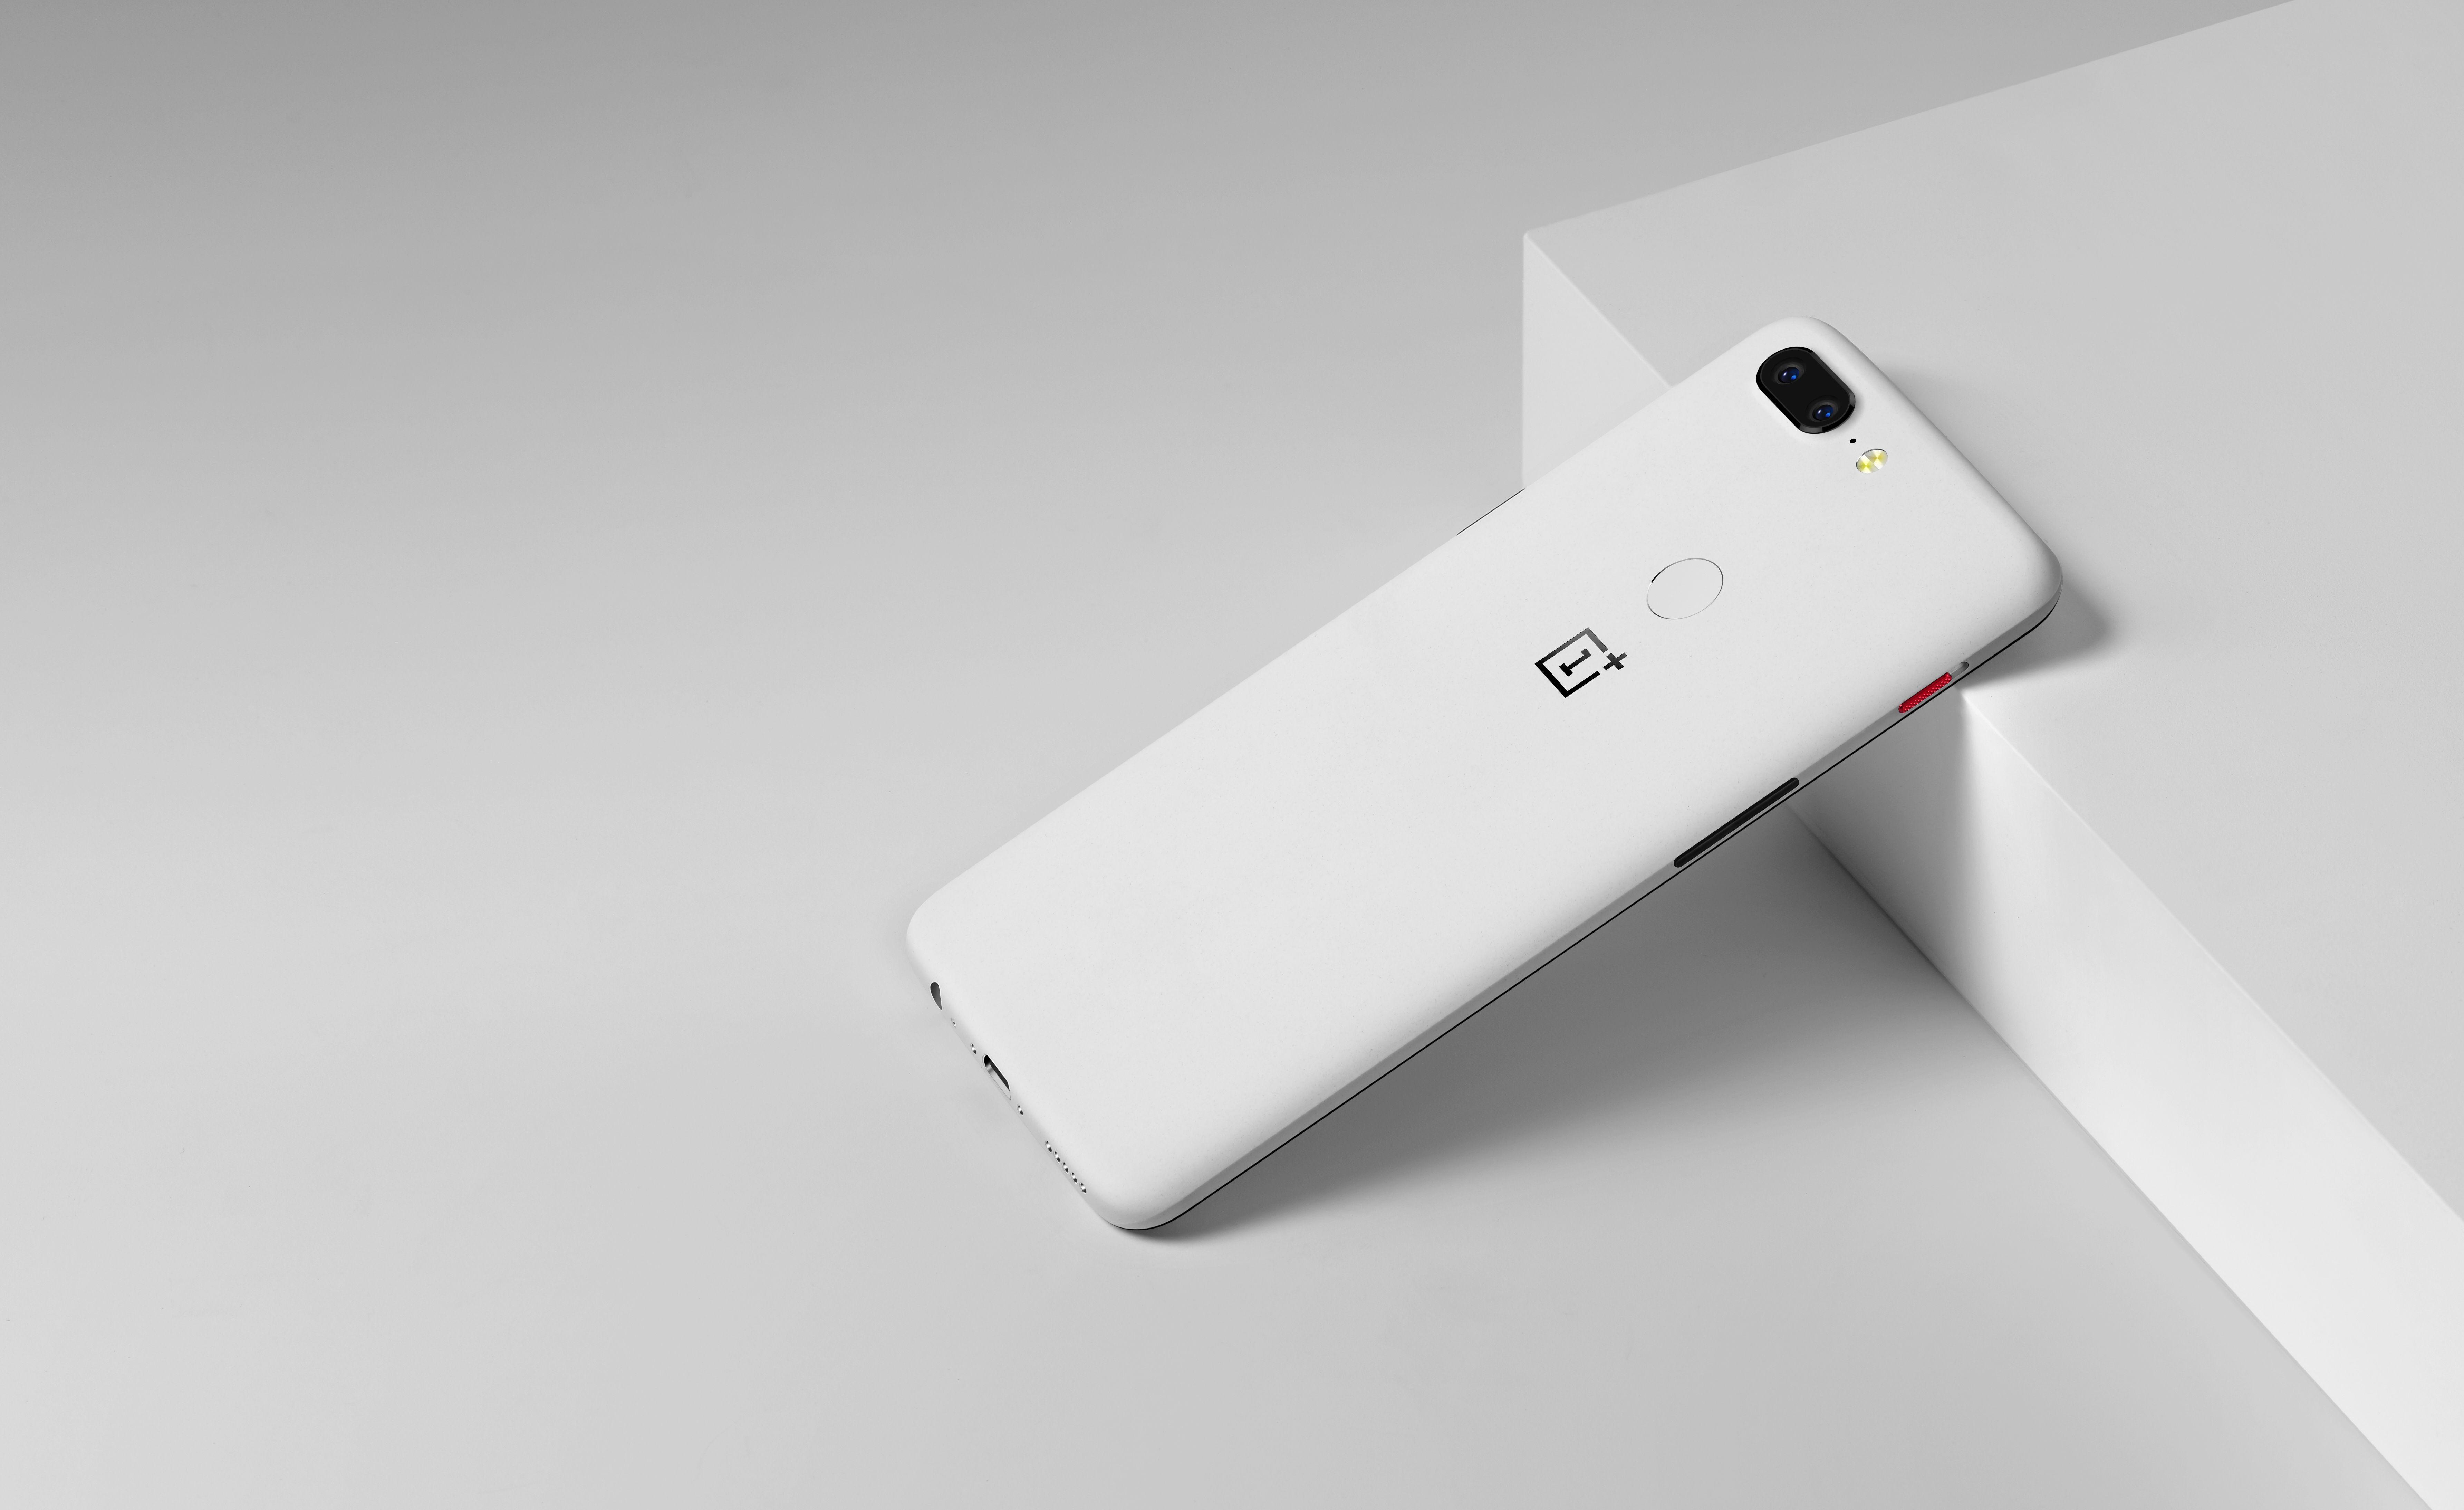 Le OnePlus 5T version «Sandstone White» est disponible pour 483 euros